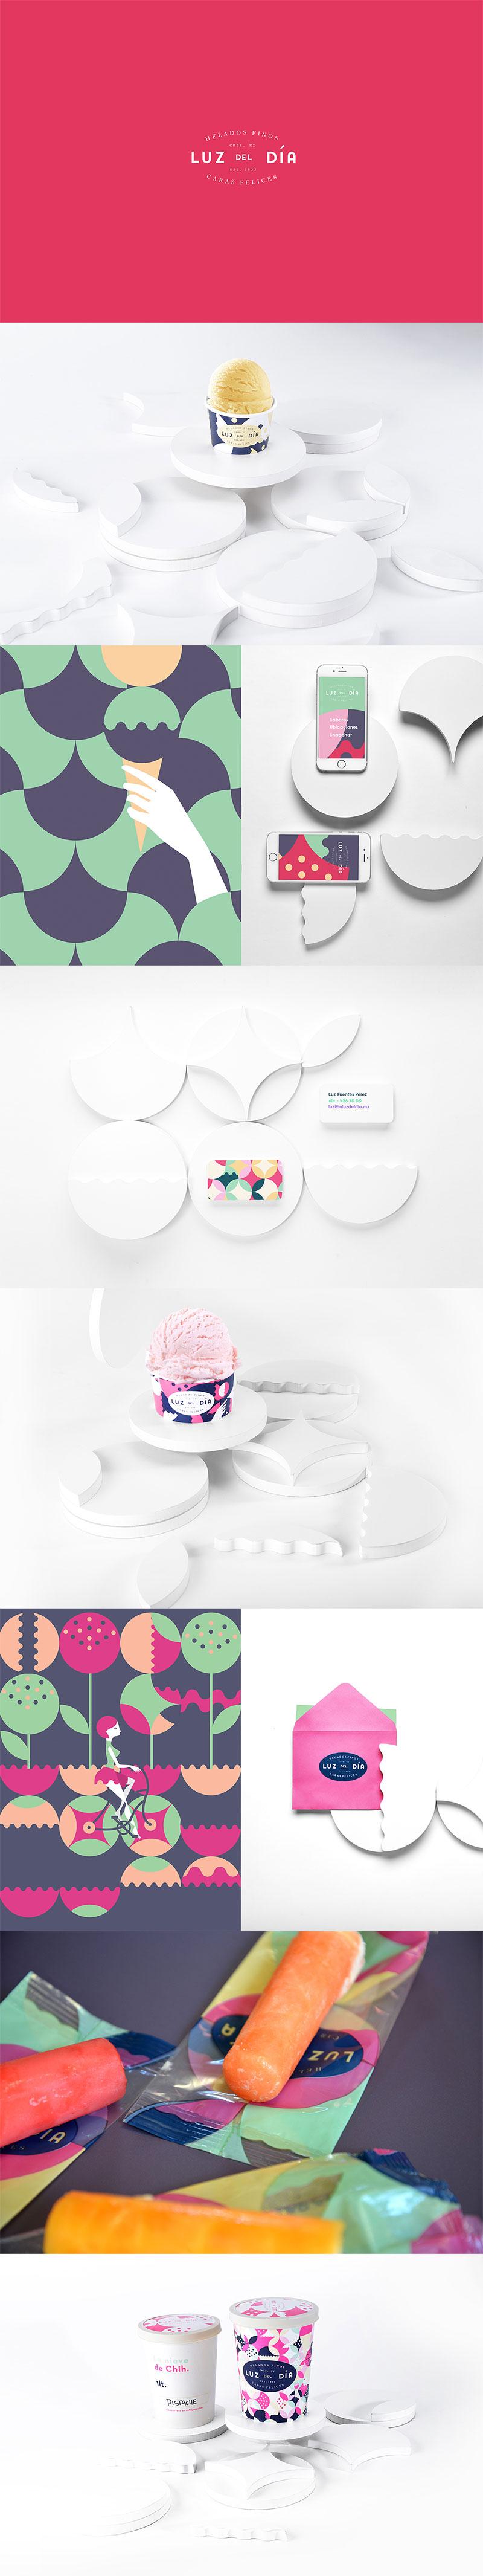 Packaging de helado - La luz del Día by Yeye Design